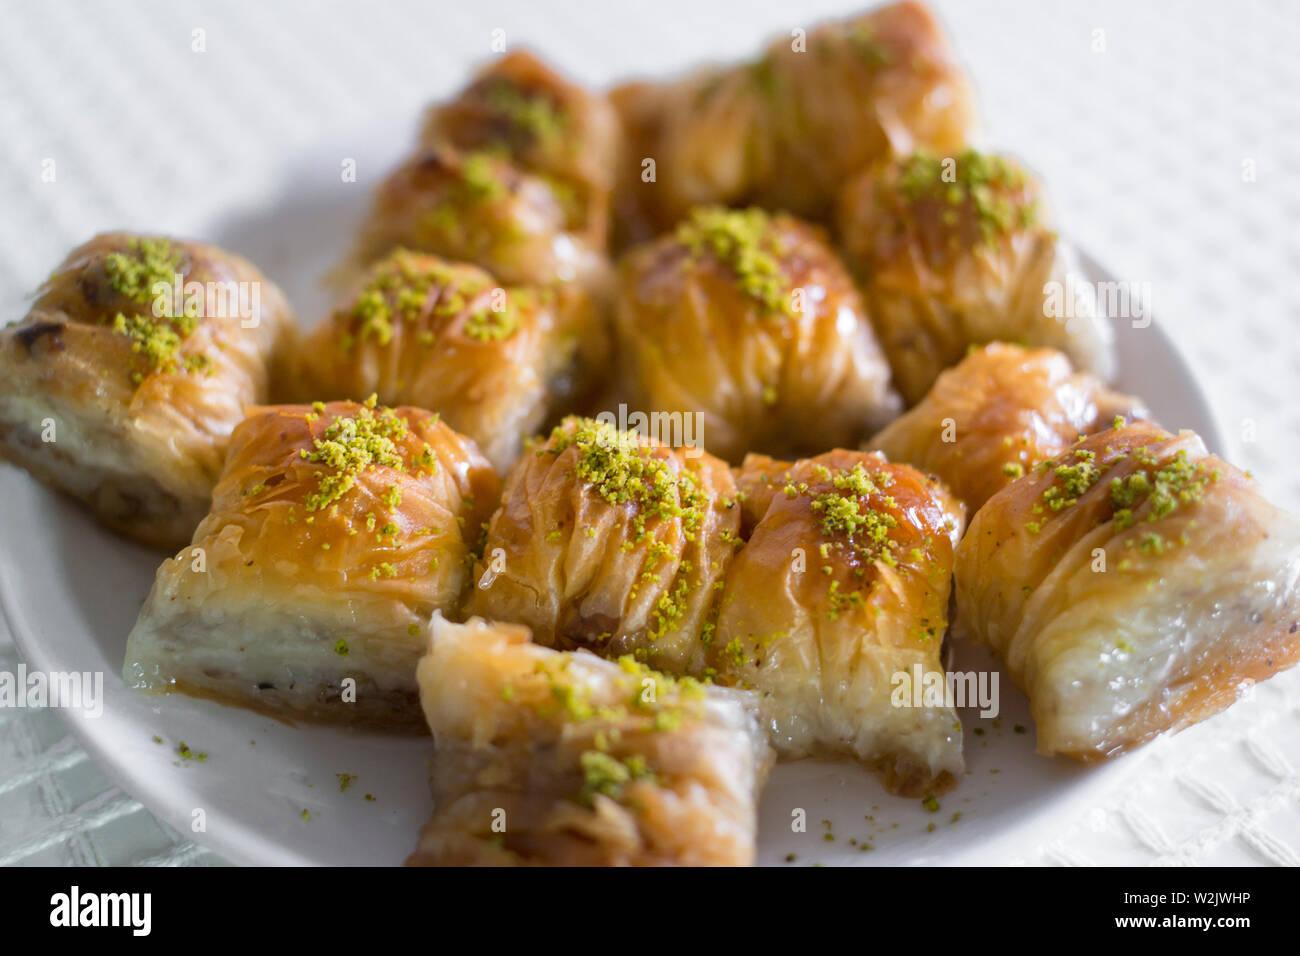 Baklava turca postres caseros en placa con verde pistacho Foto de stock